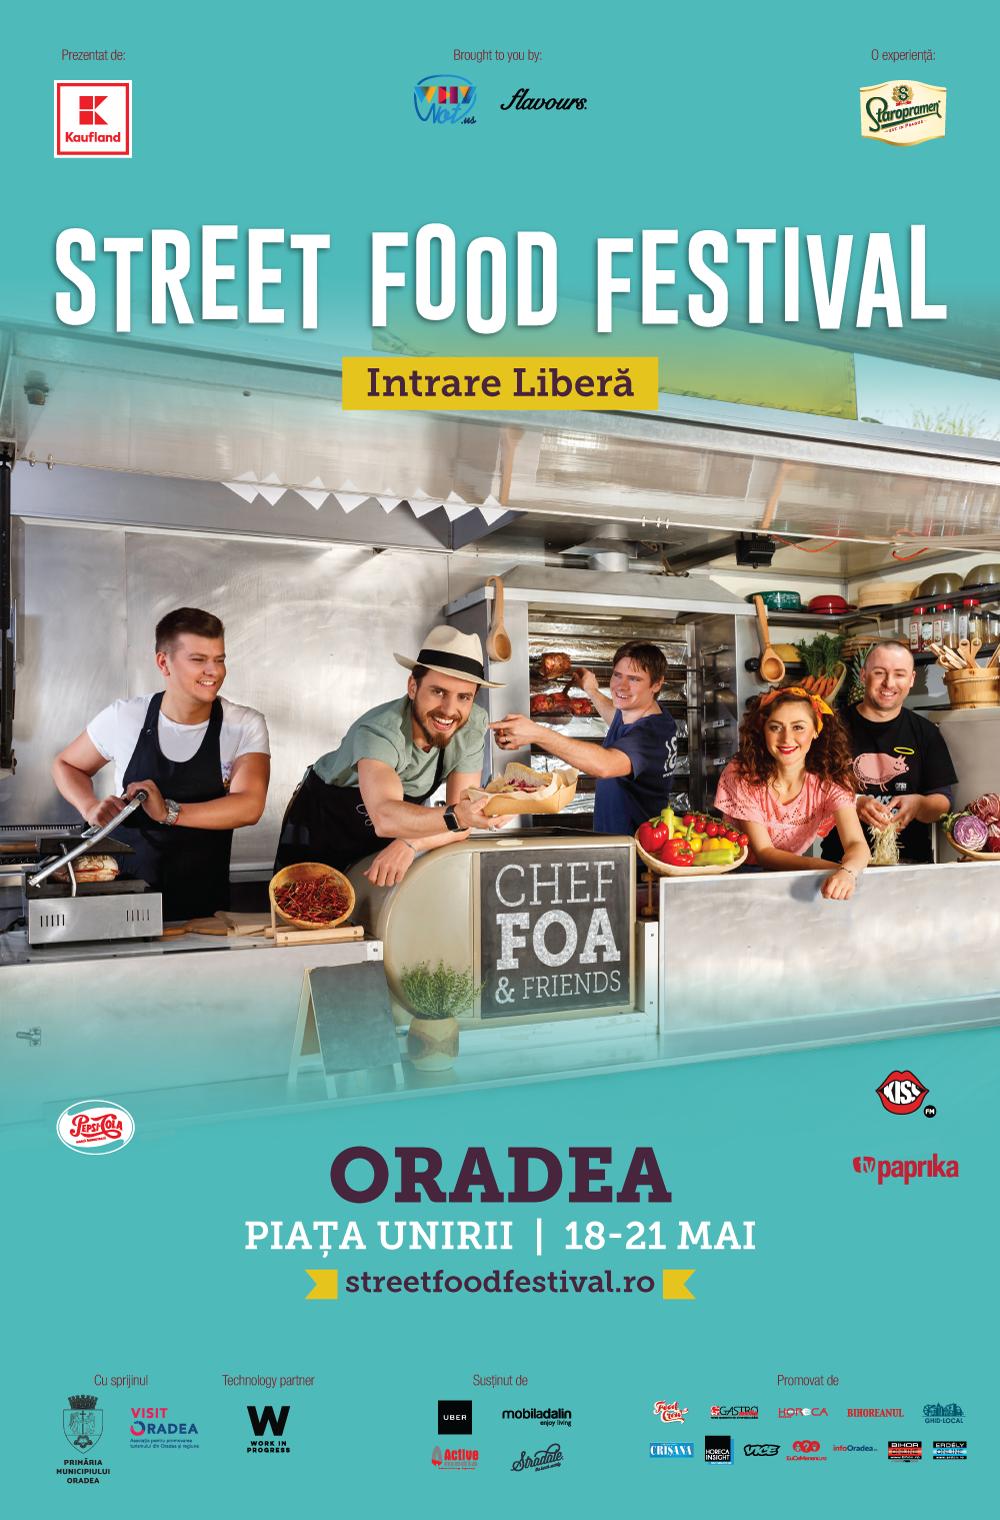 Street FOOD Festival Oradea 2017 Chef Foa Piata Unirii 18-21 mai